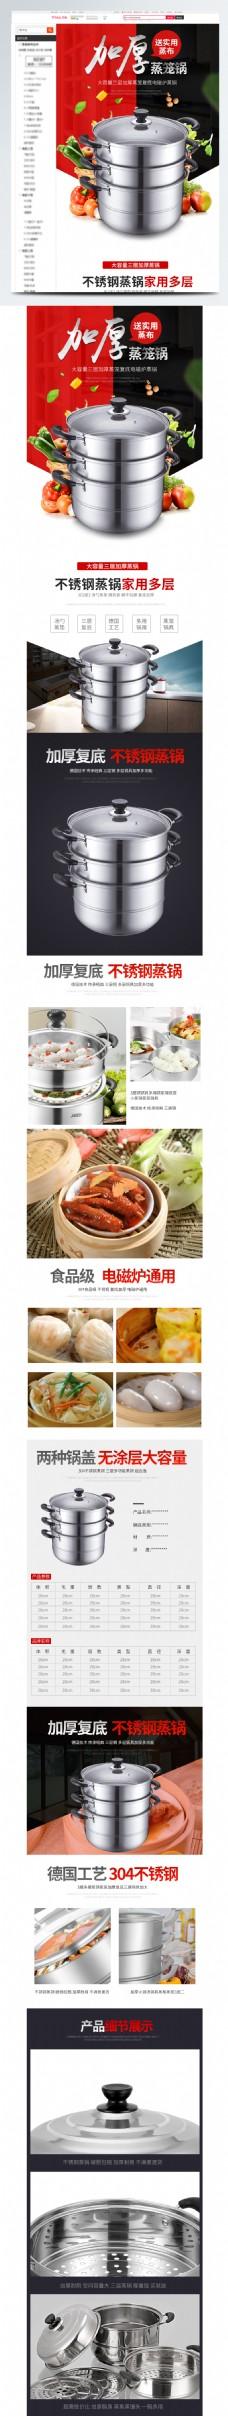 烹饪用具厨具详情页模板PSD